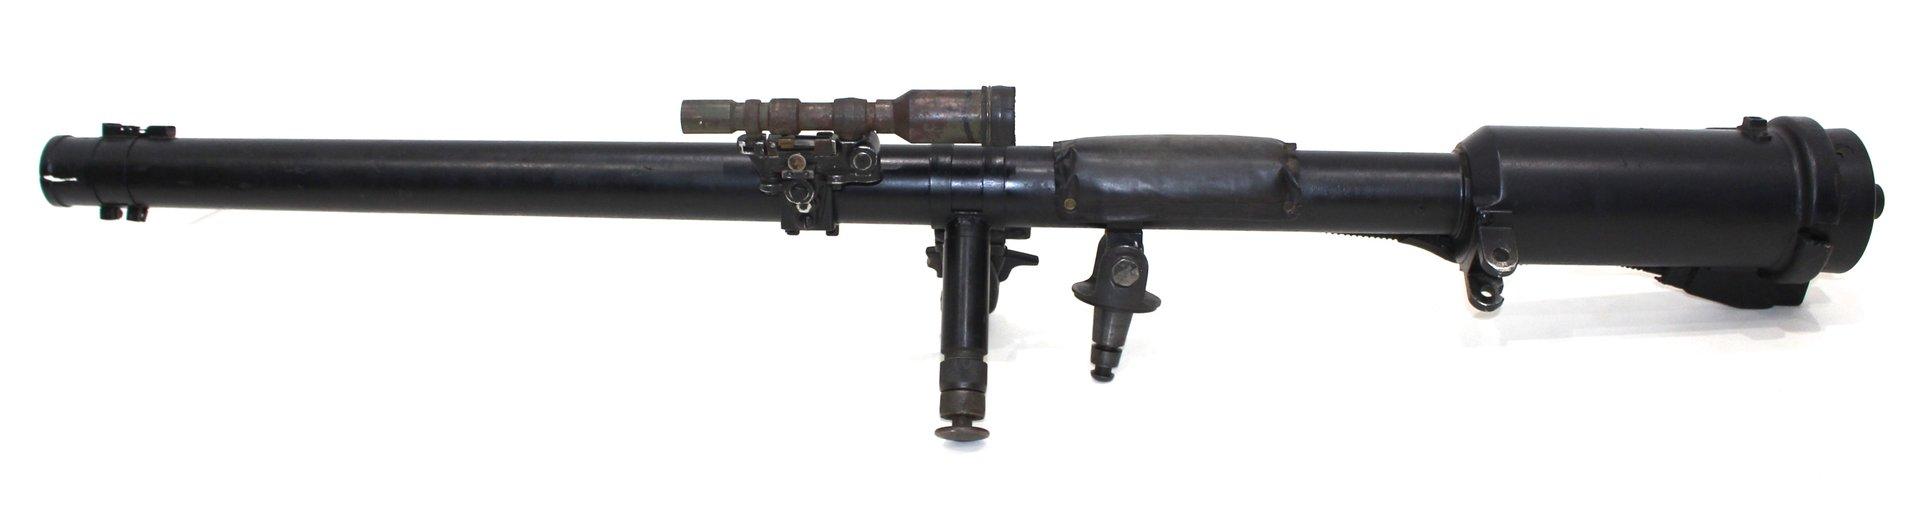 High Resolution Wallpaper | M18 57mm Recoilless Rifle 1920x516 px